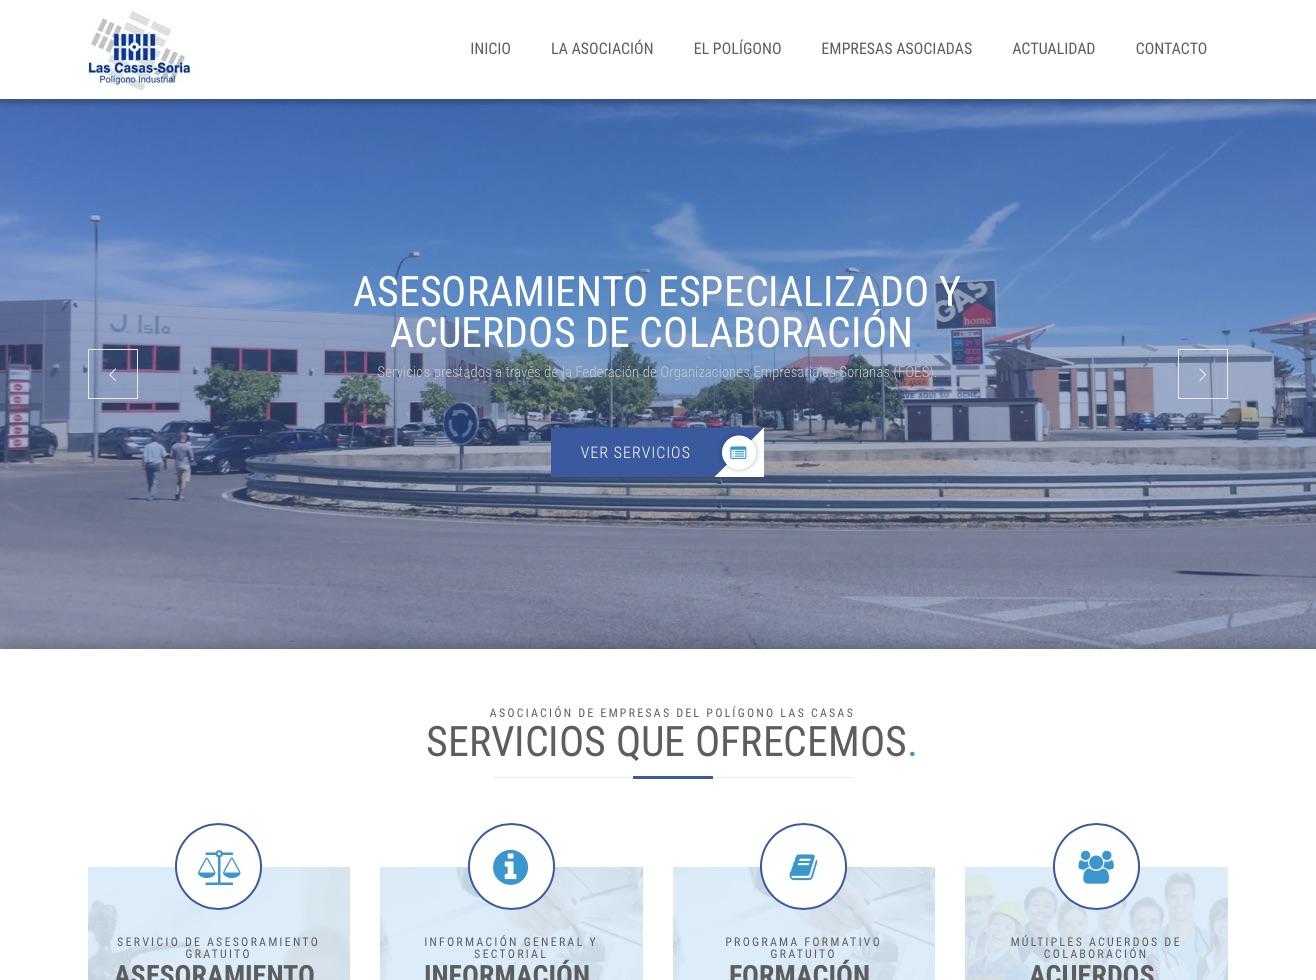 Gesdinet ha creado la nueva web de la Asociación del Polígono Las Casas de Soria